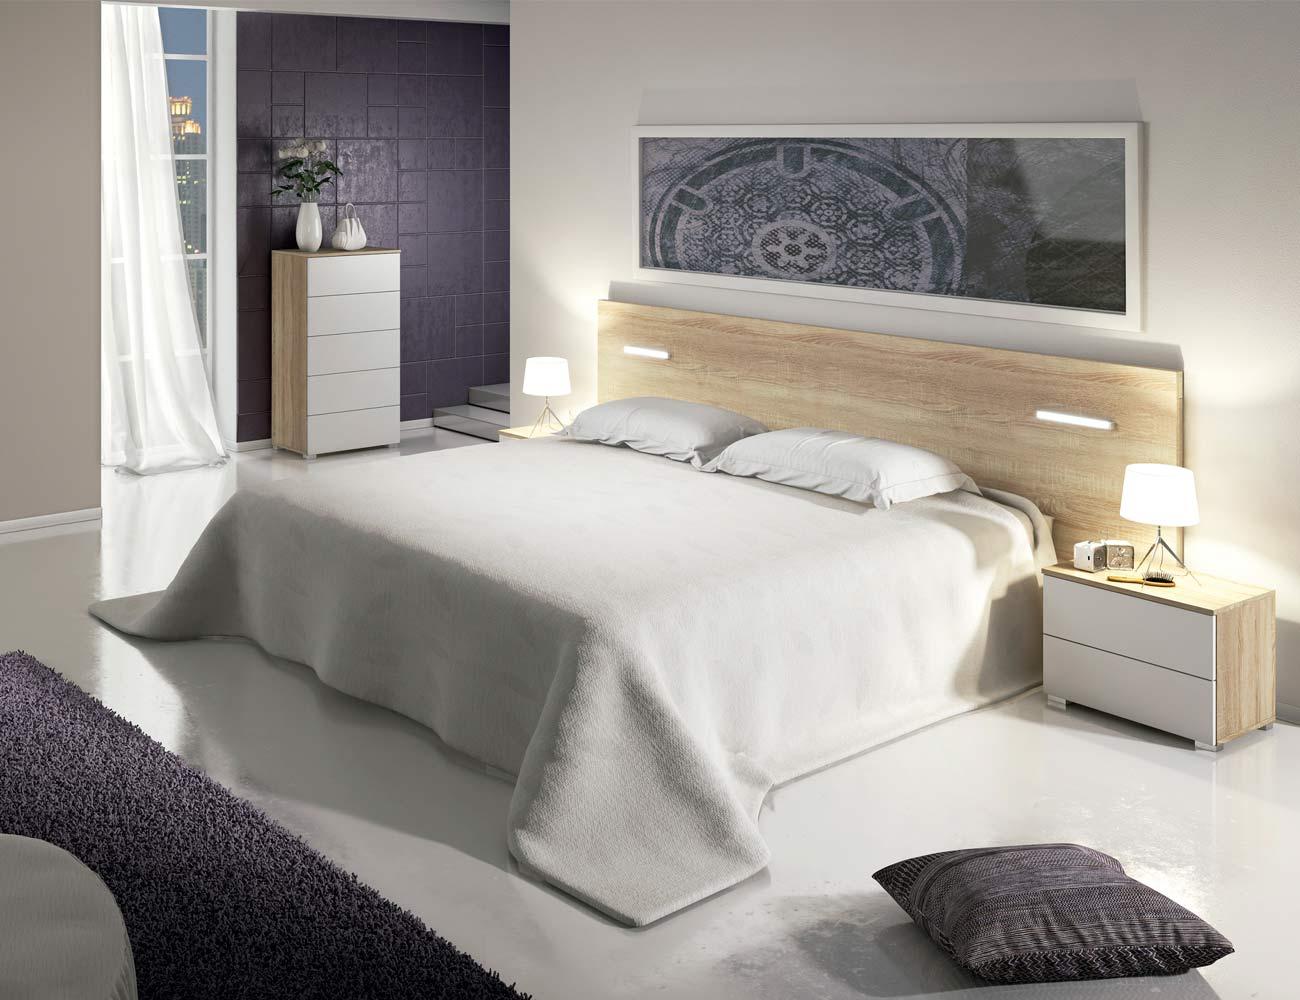 Dormitorio matrimonio moderno cabecero leds sinfonier cambrian blanco